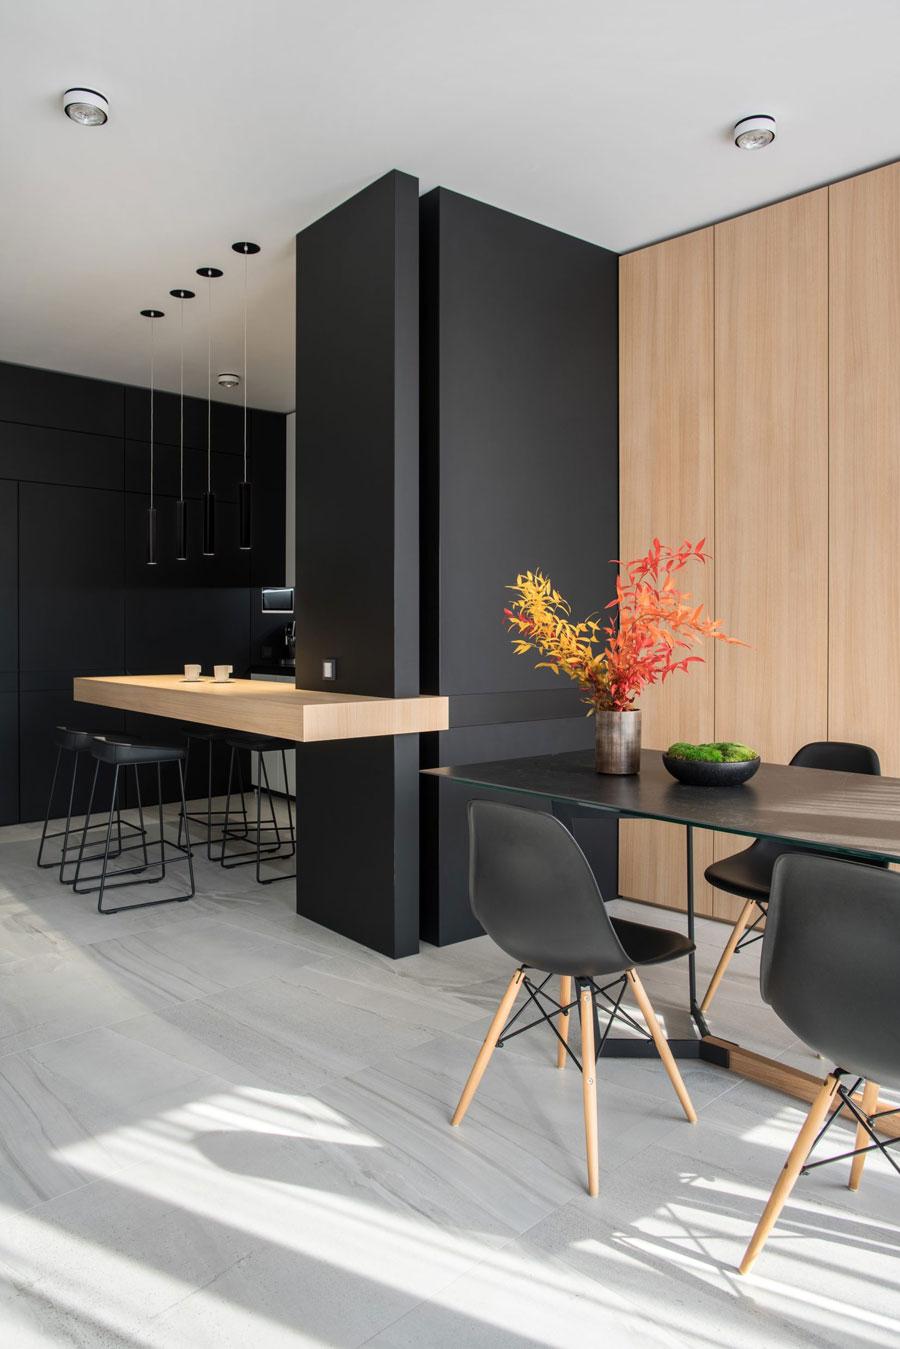 Het is klein wonen in dit kleine appartement van minder dan 40m2